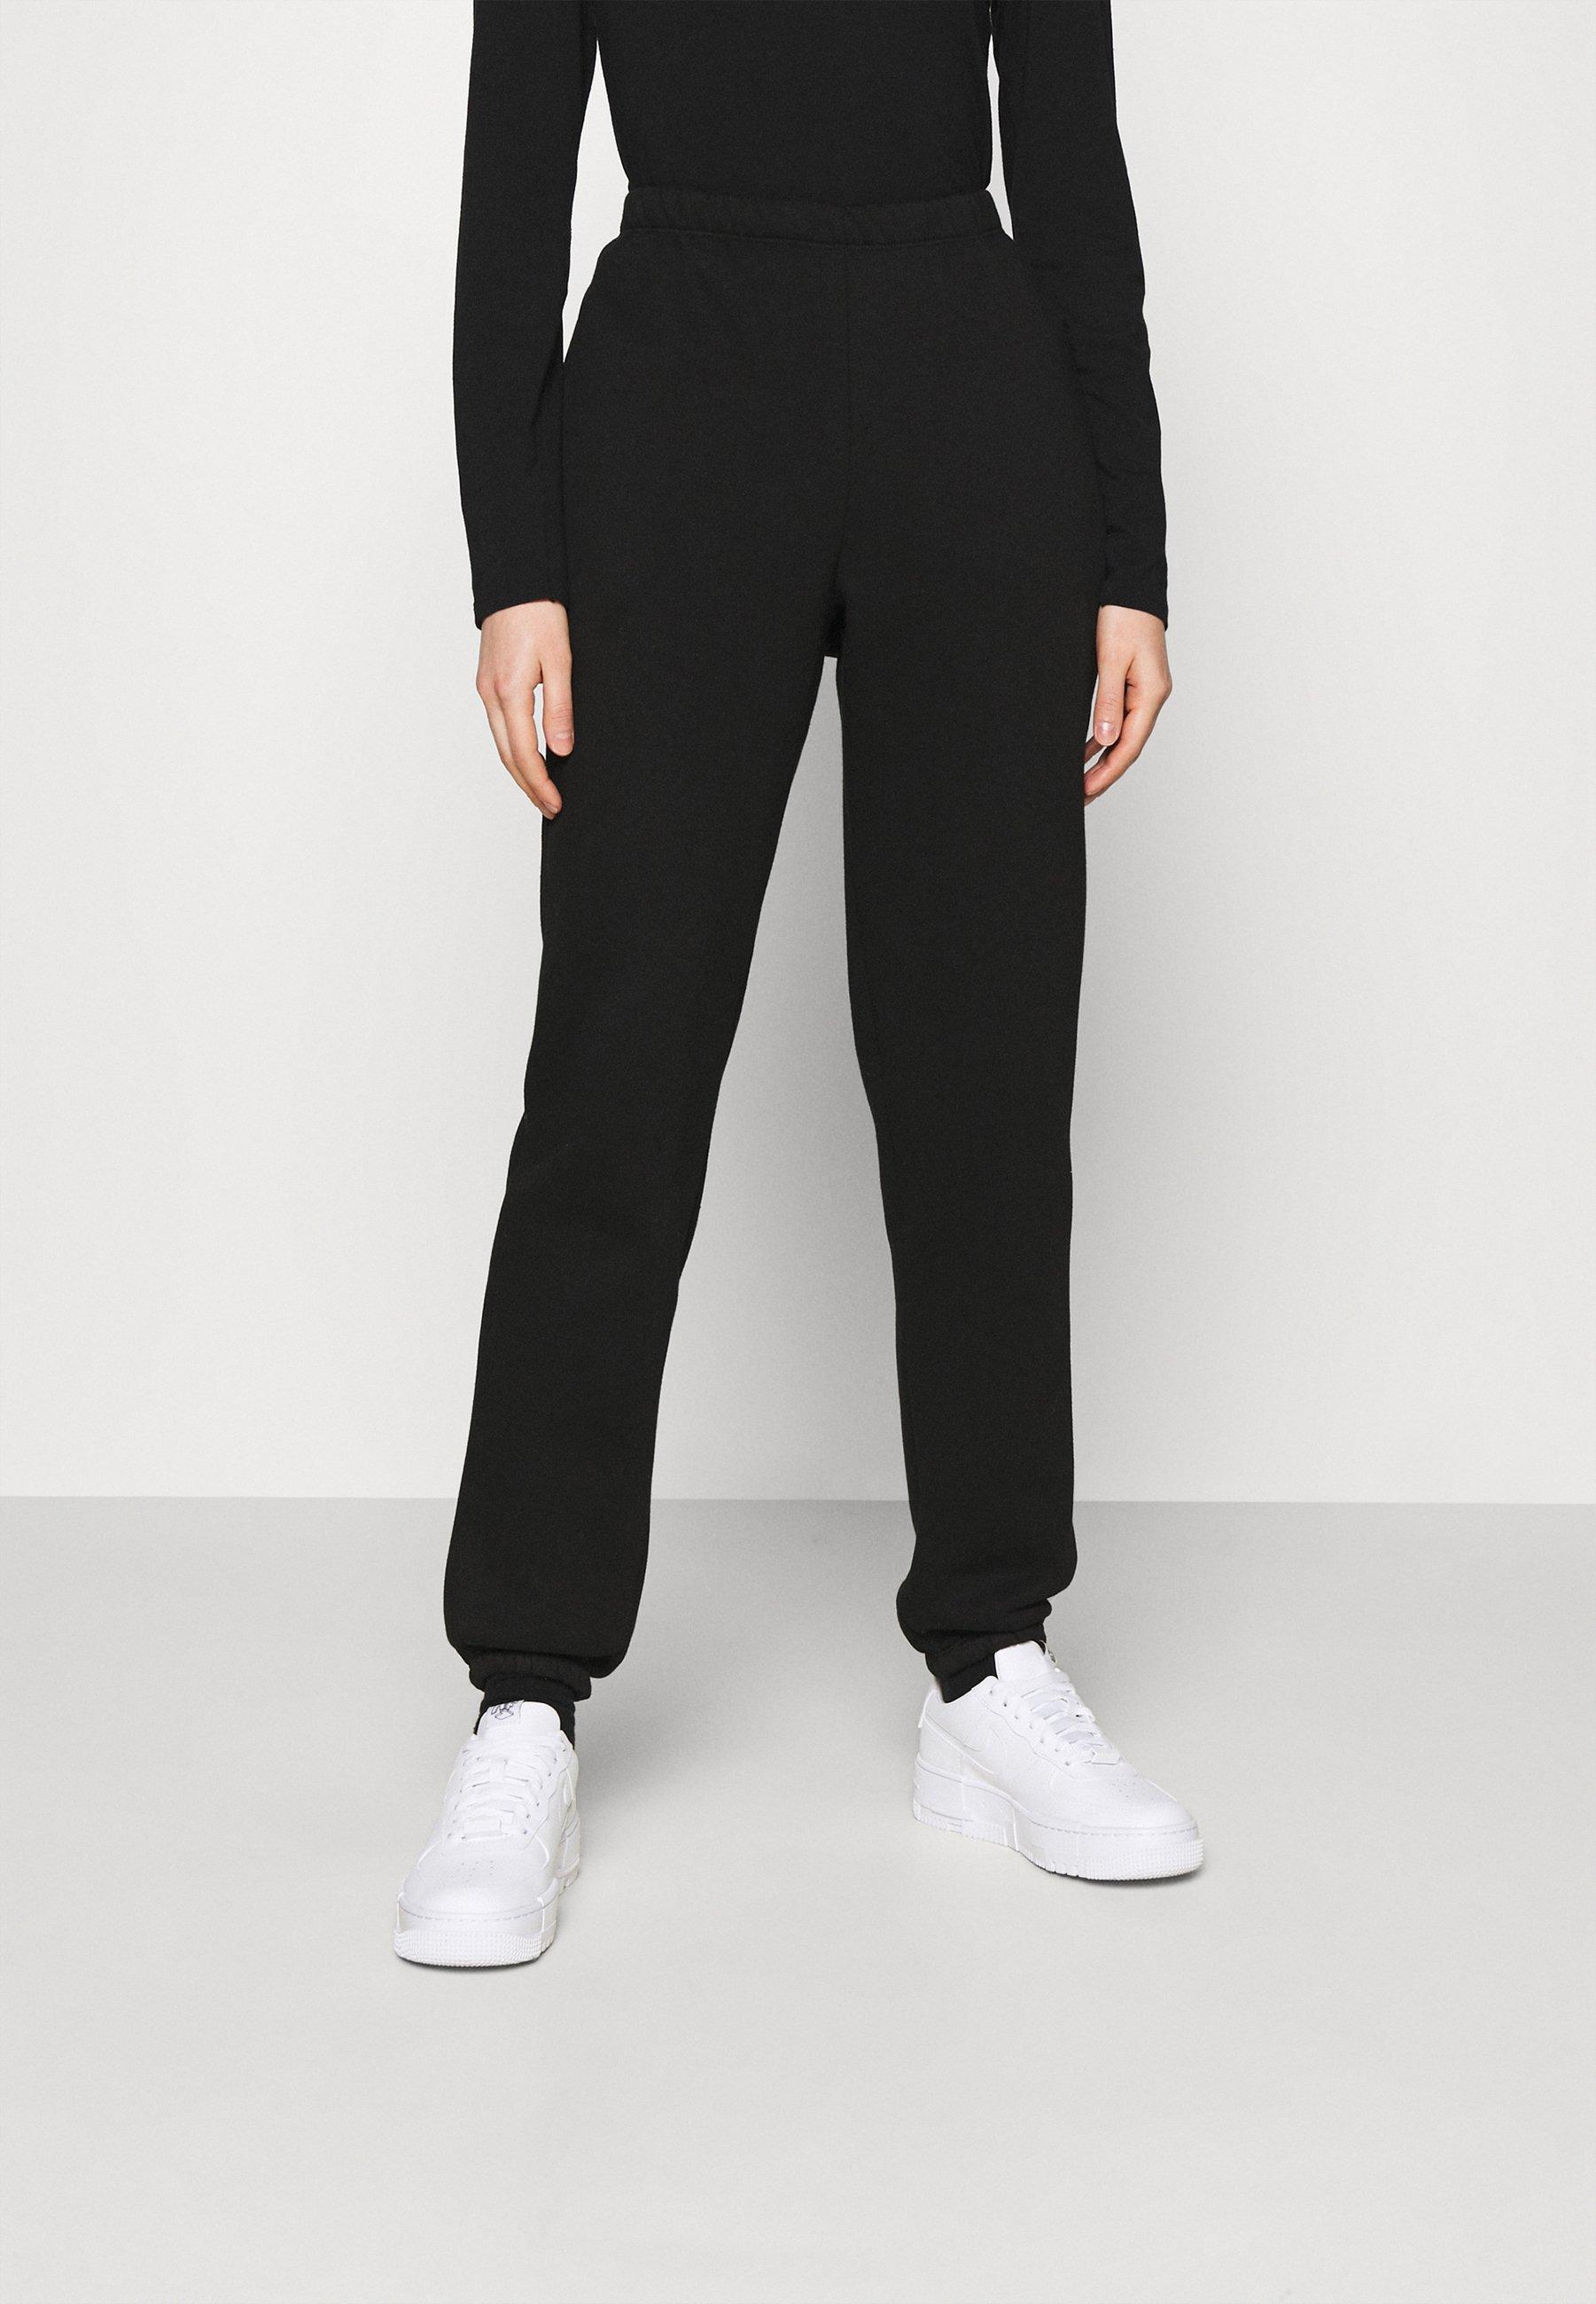 Femme LOVELY PANTS - Pantalon de survêtement